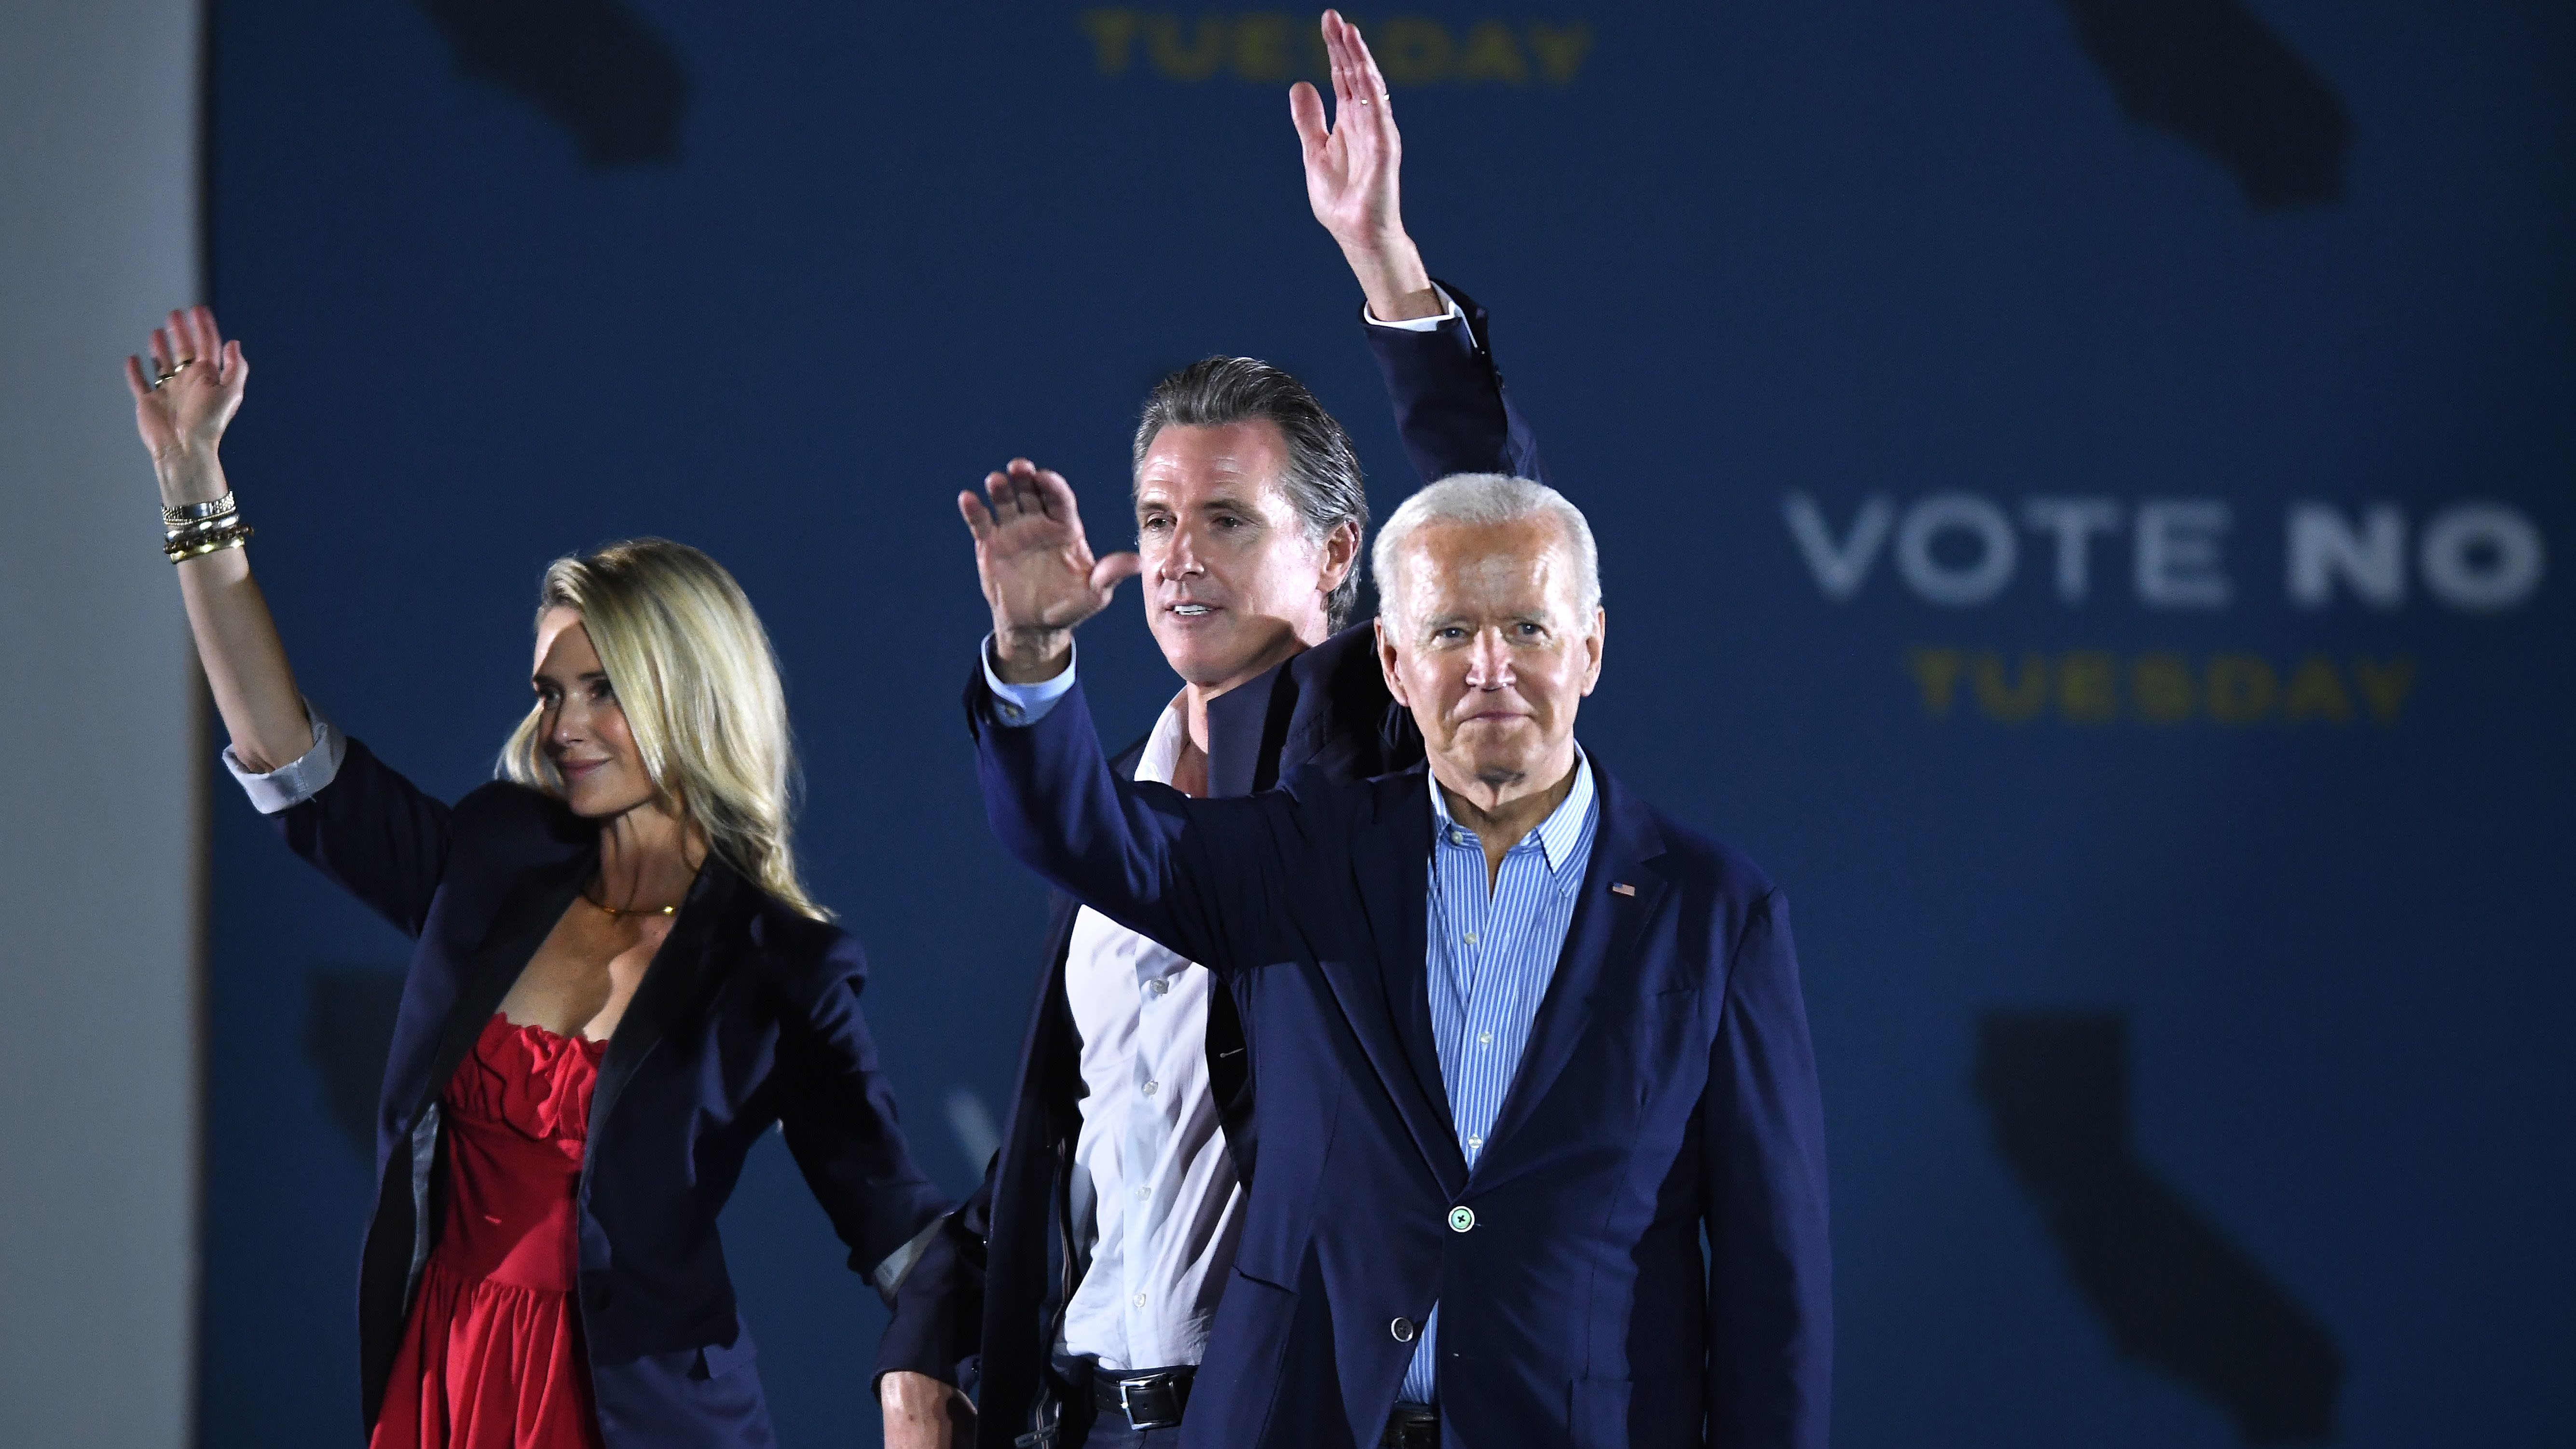 Kuvernööri Gavin Newsom vaimonsa Jennifer Siebel Newsomin sekä presidentti Joe Bidenin kanssa kampanjatilaisuudessa maanantaina Long Beachissä.